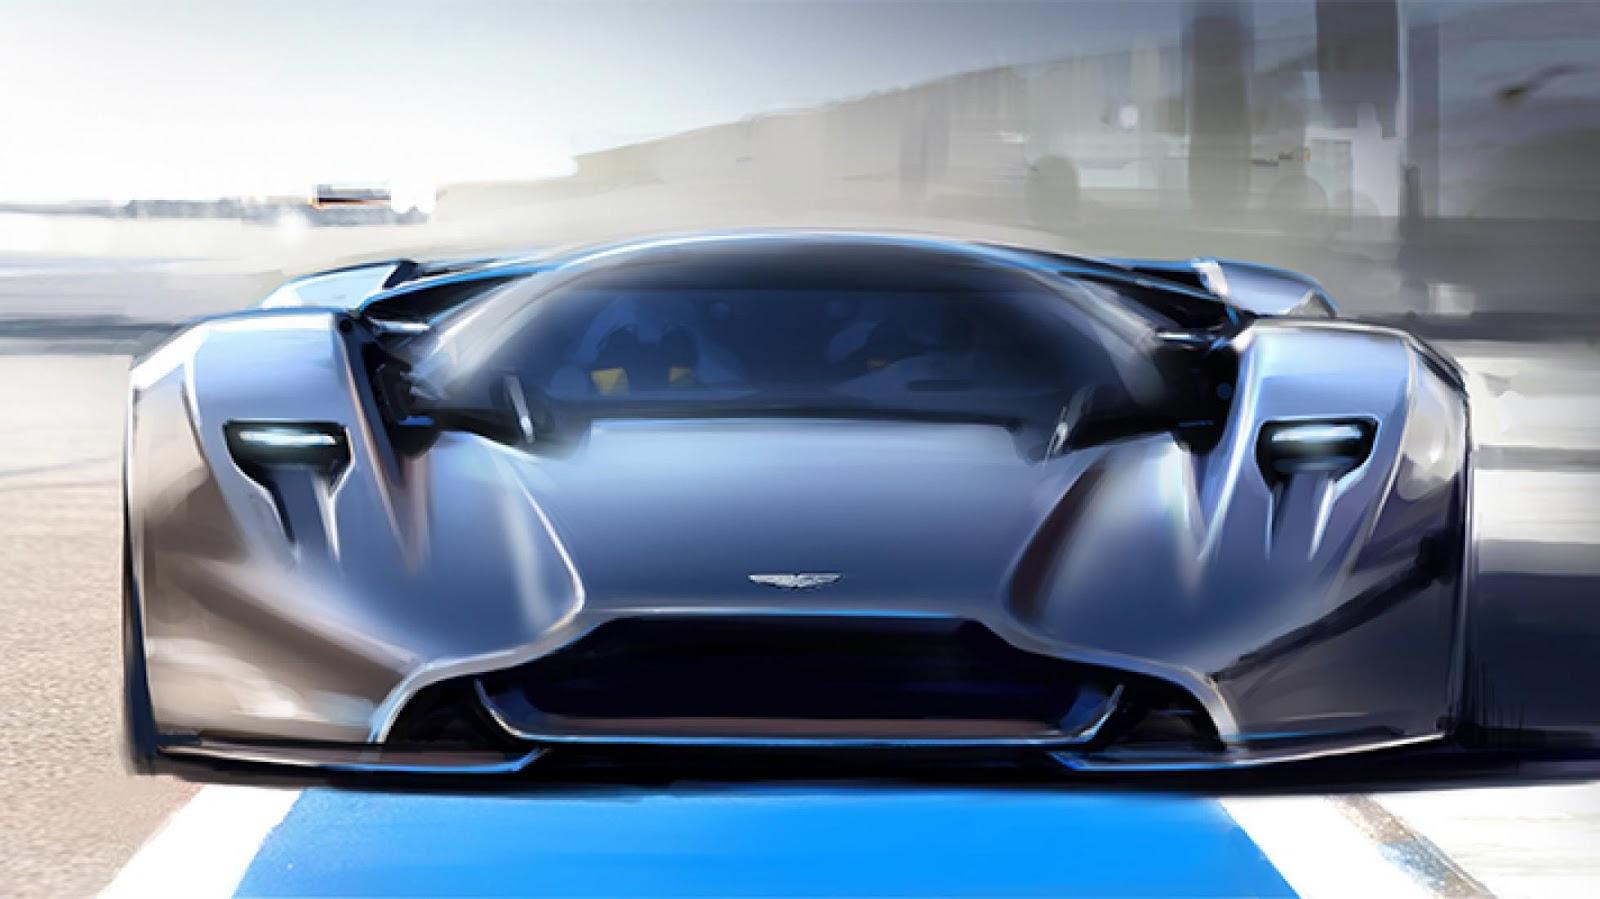 AM-RB 001 - Siêu phẩm của Aston Martin và Red Bull sẽ trông như vậy?